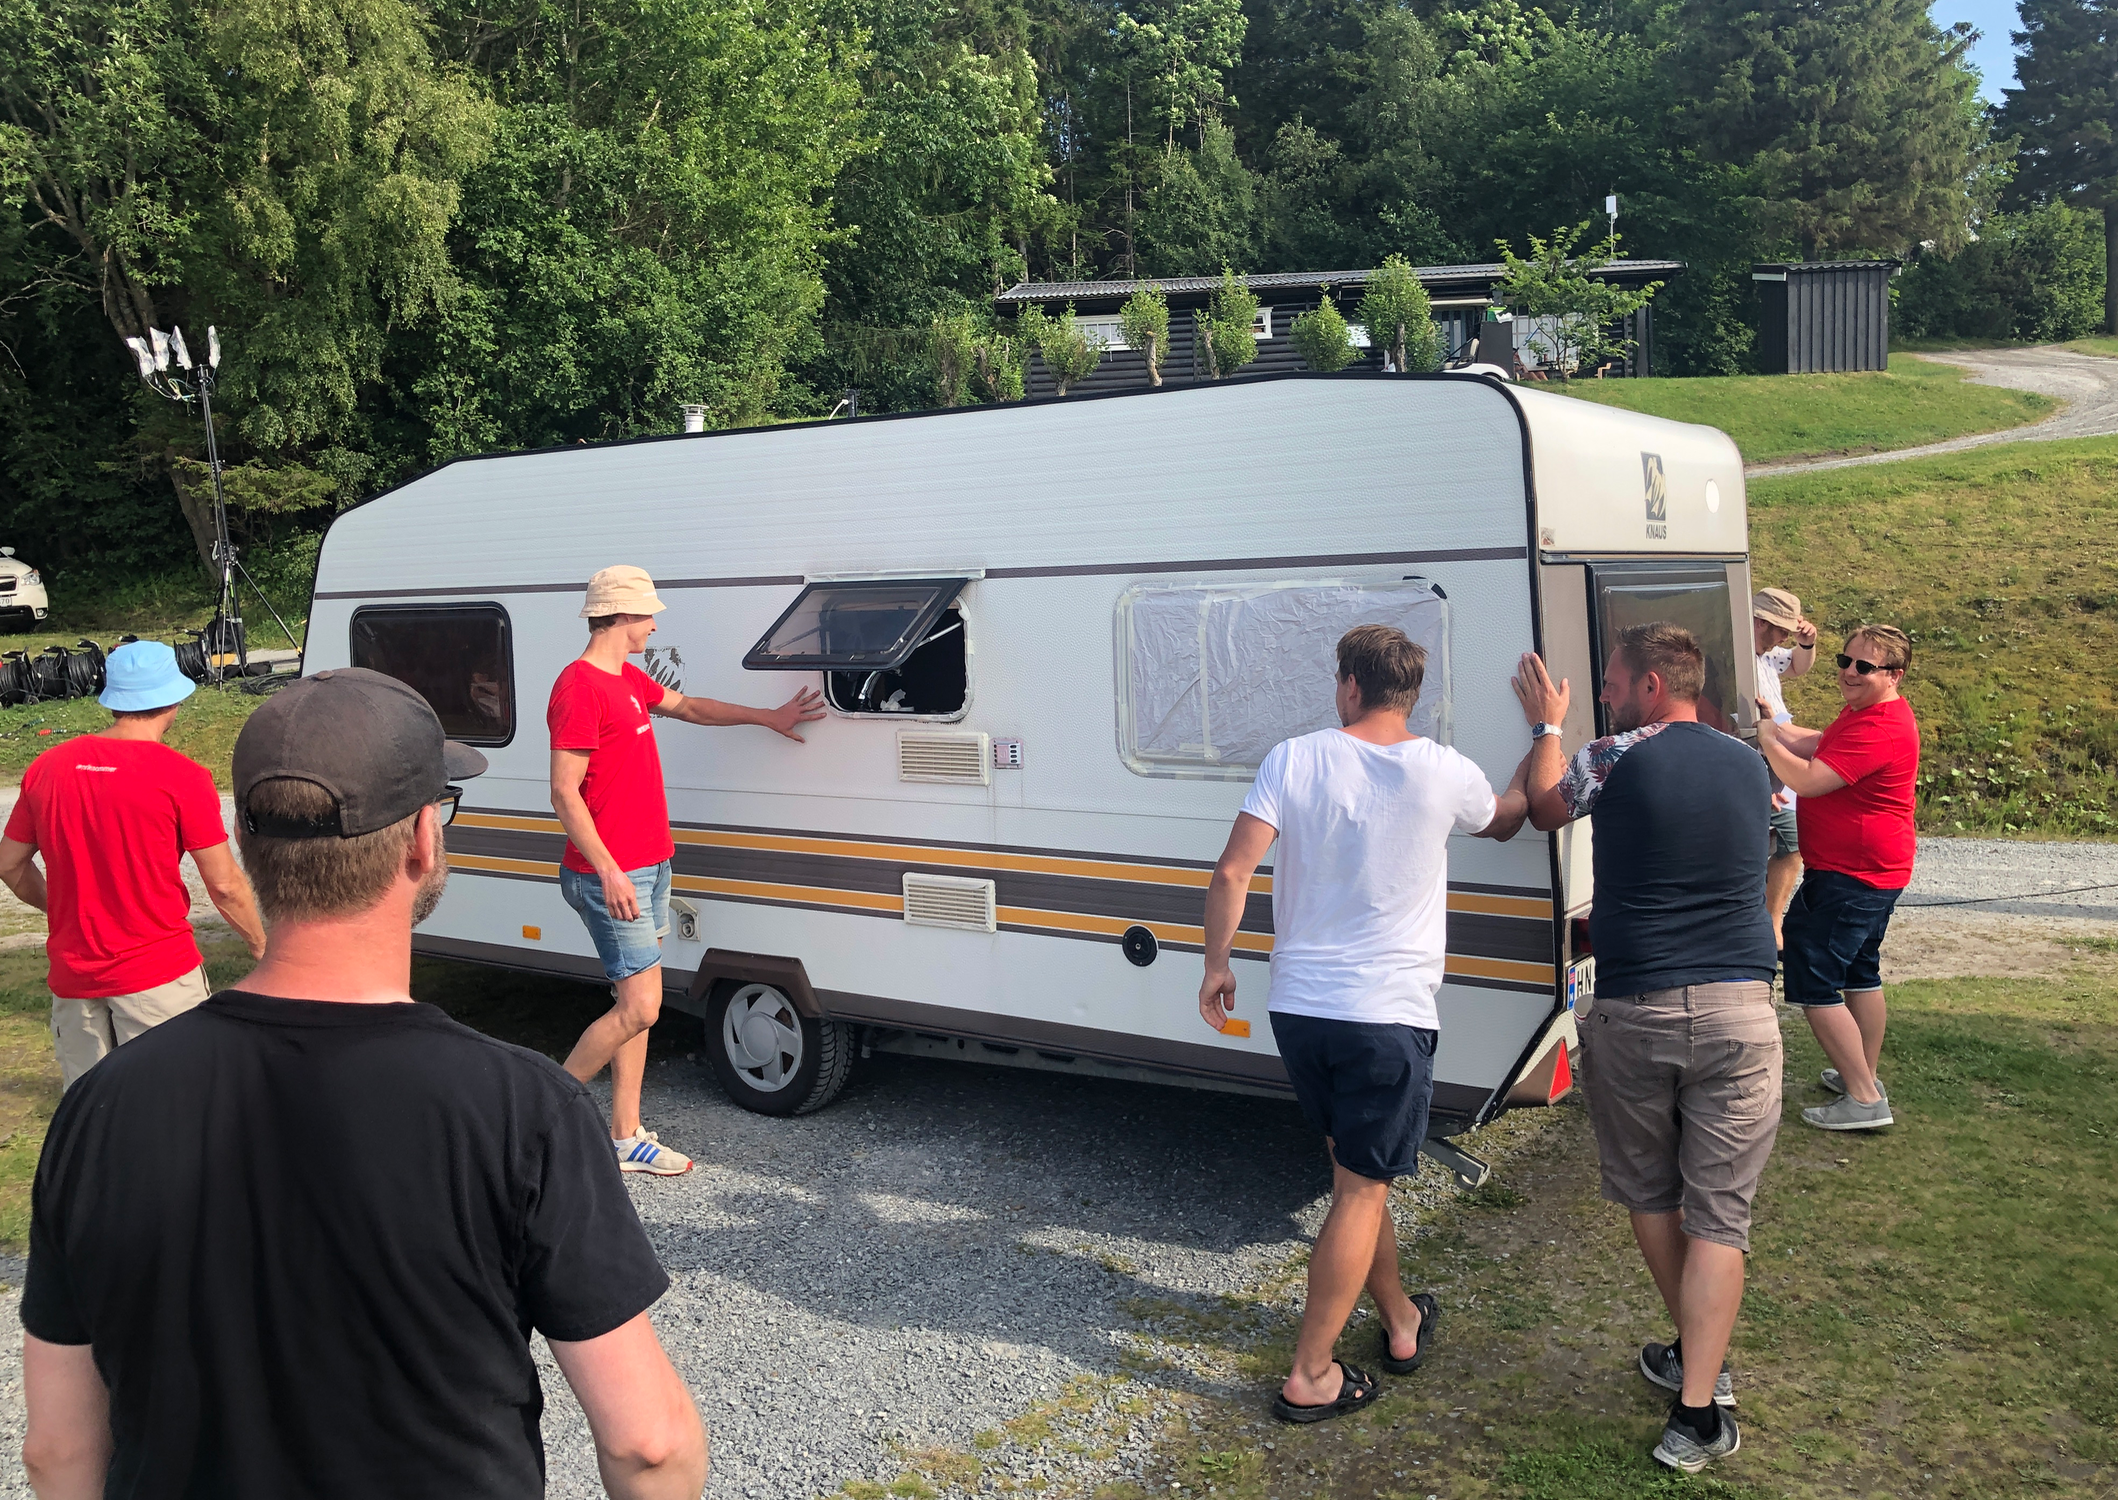 Campingvogna måtte stå rett i forhold til lys, vind, kamera, publikum og alskens.